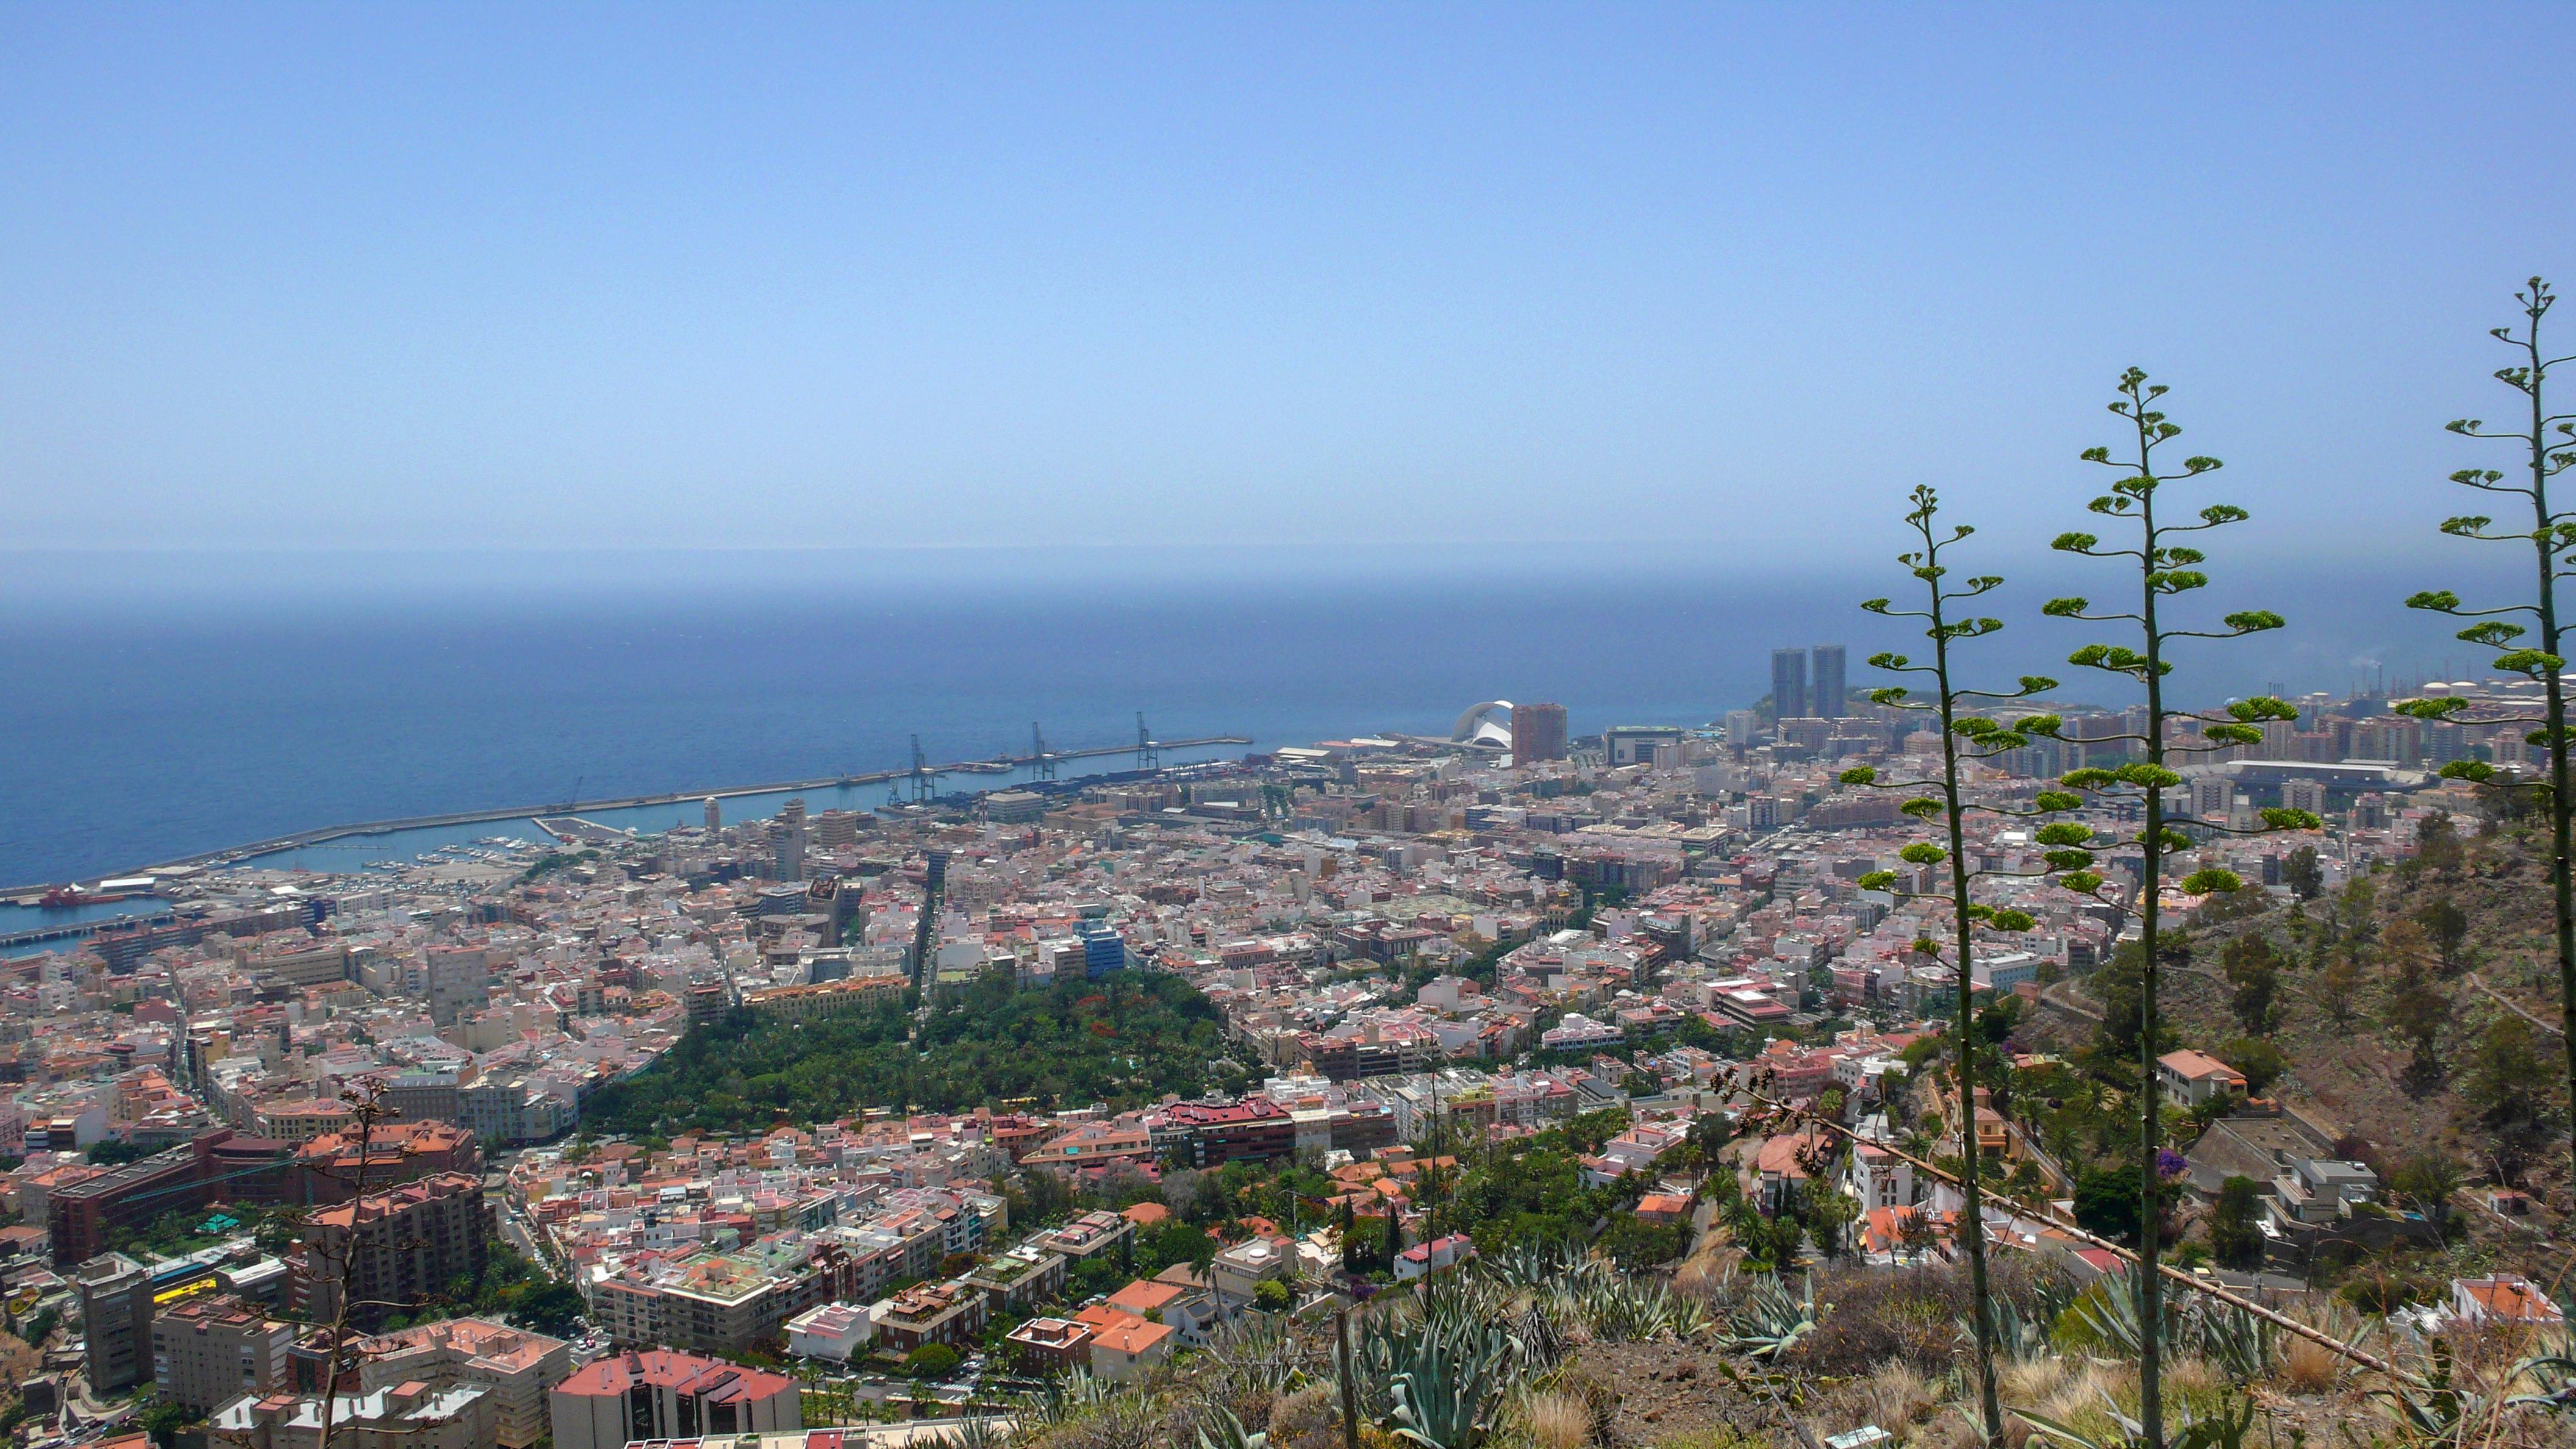 municipio de santa cruz de tenerife: